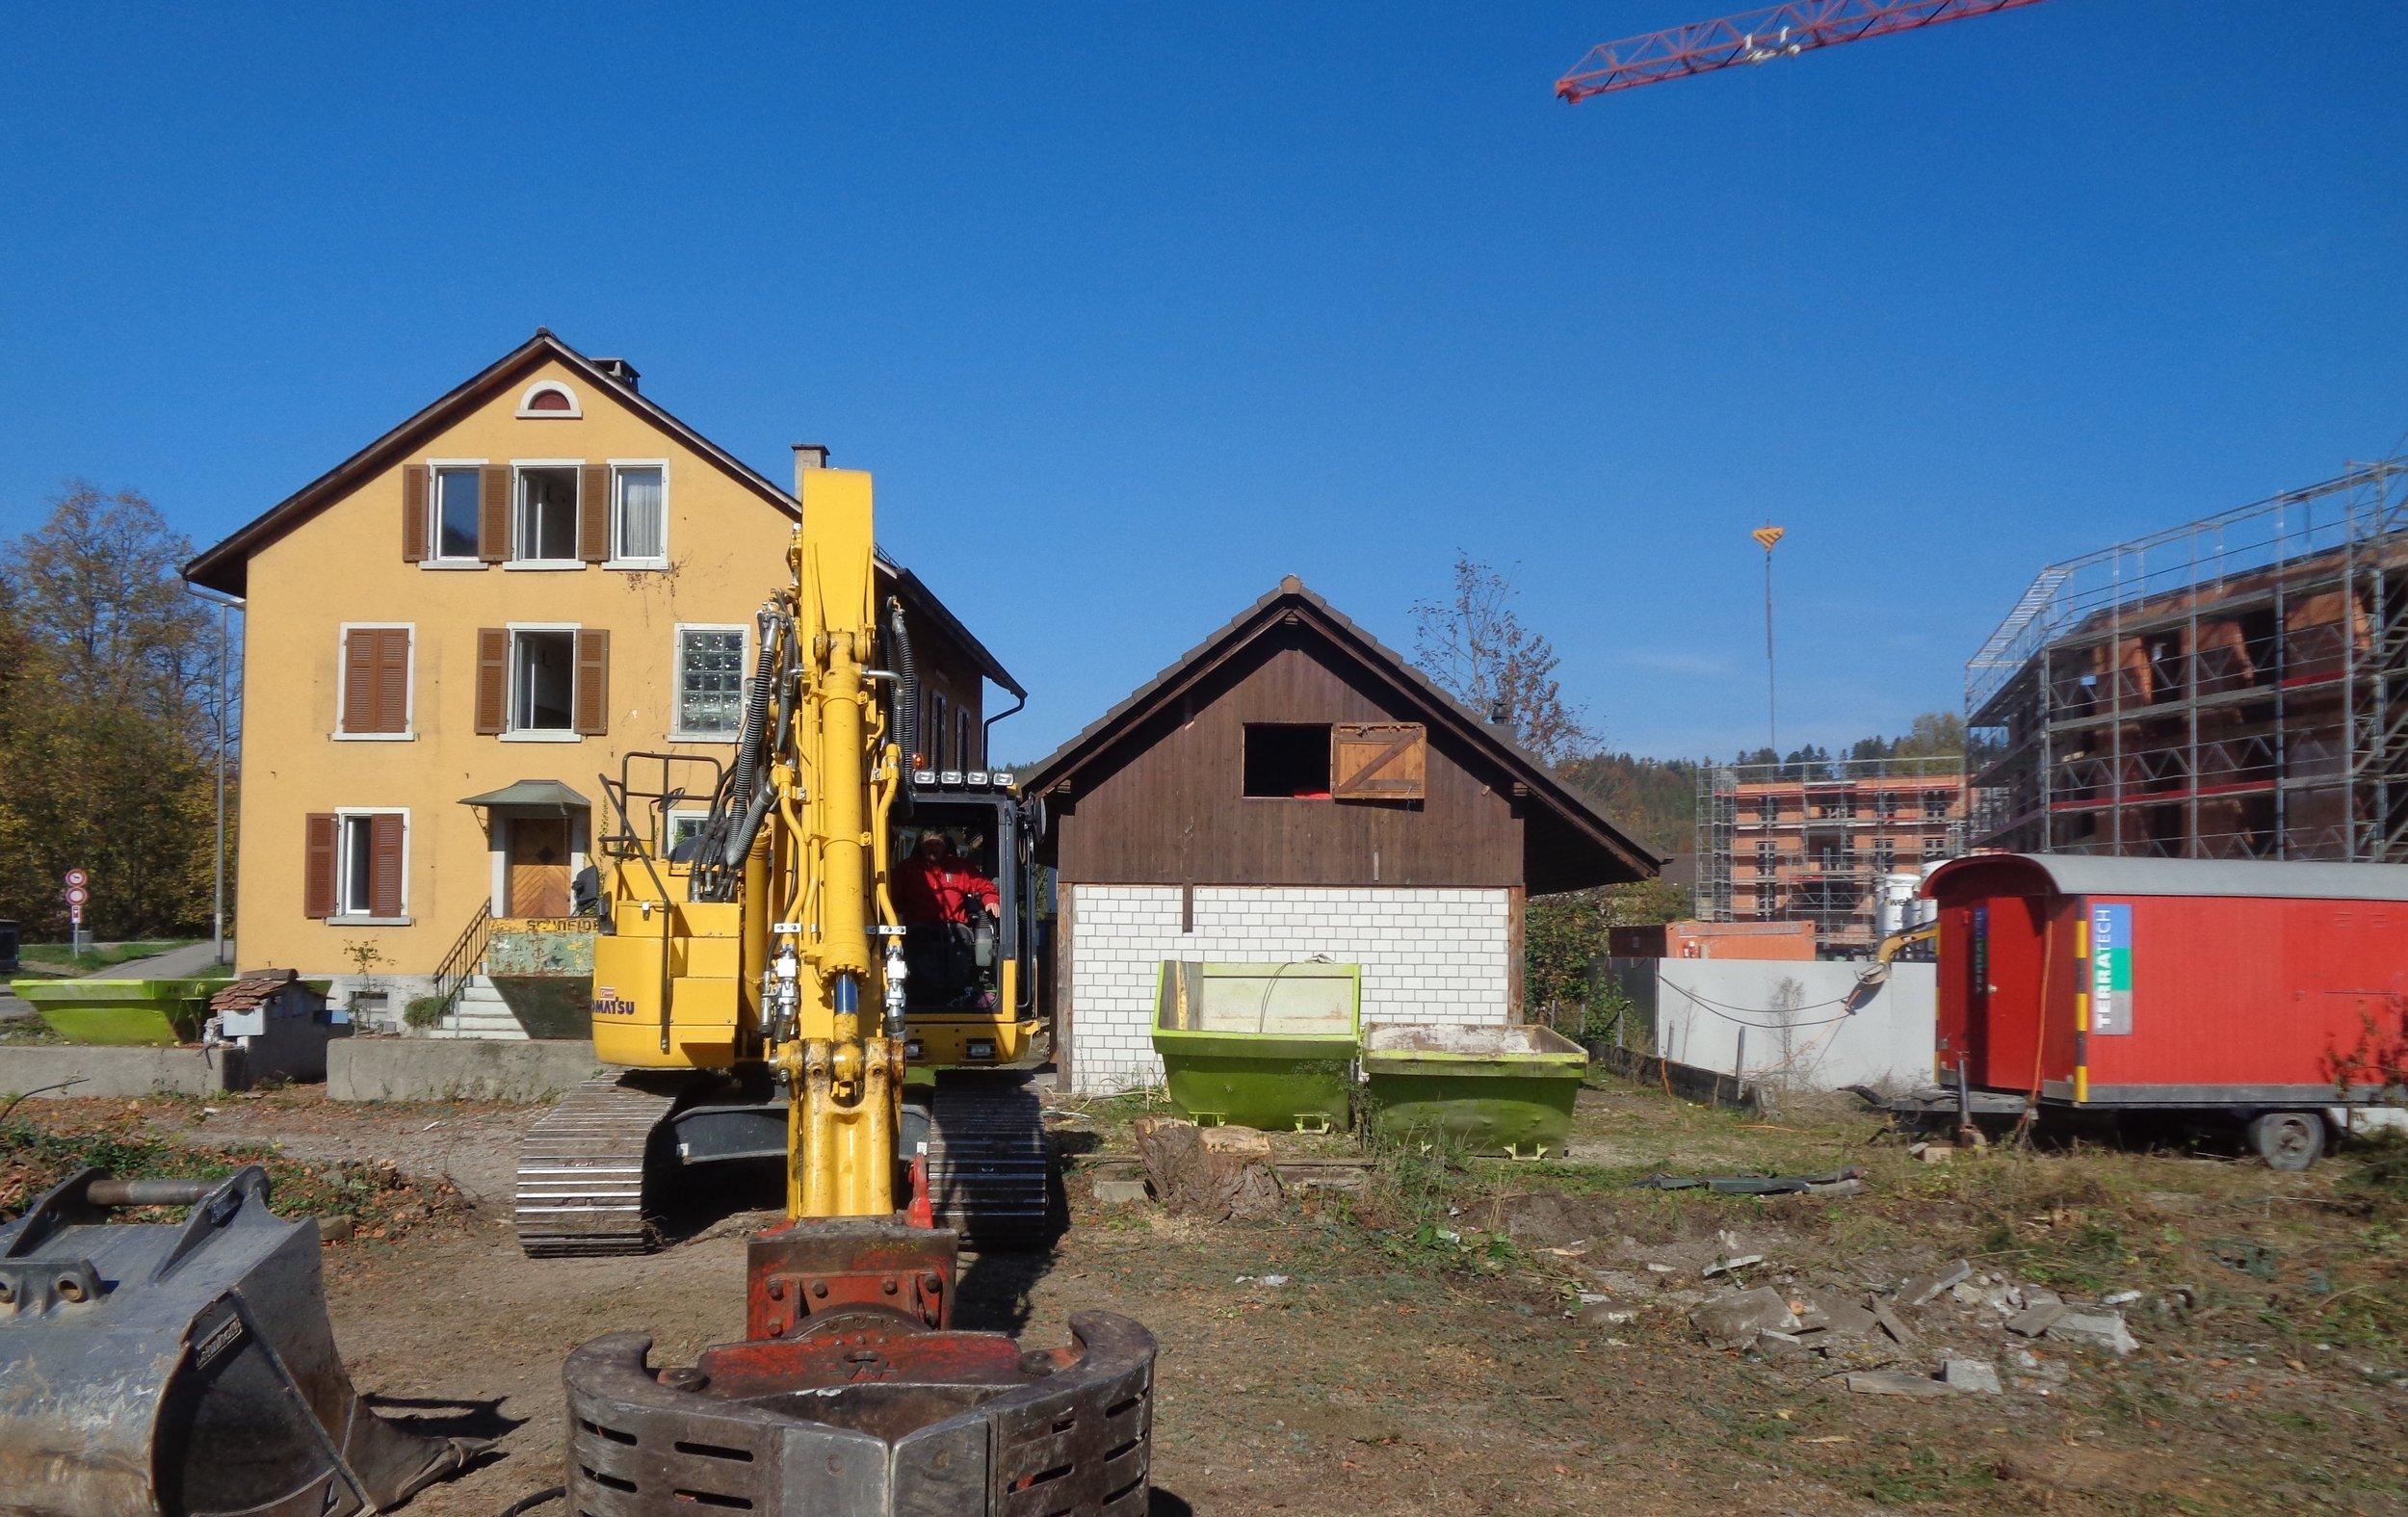 Immobilienverkauf und Immobilienvermarktung mit Video von Häuser sowie Wohnungen und Neubauprojekte Immobilienmakler in Zug und Zürich Überbauung Nido Sennhof Winterthur Baustelle Baustart erfolgt